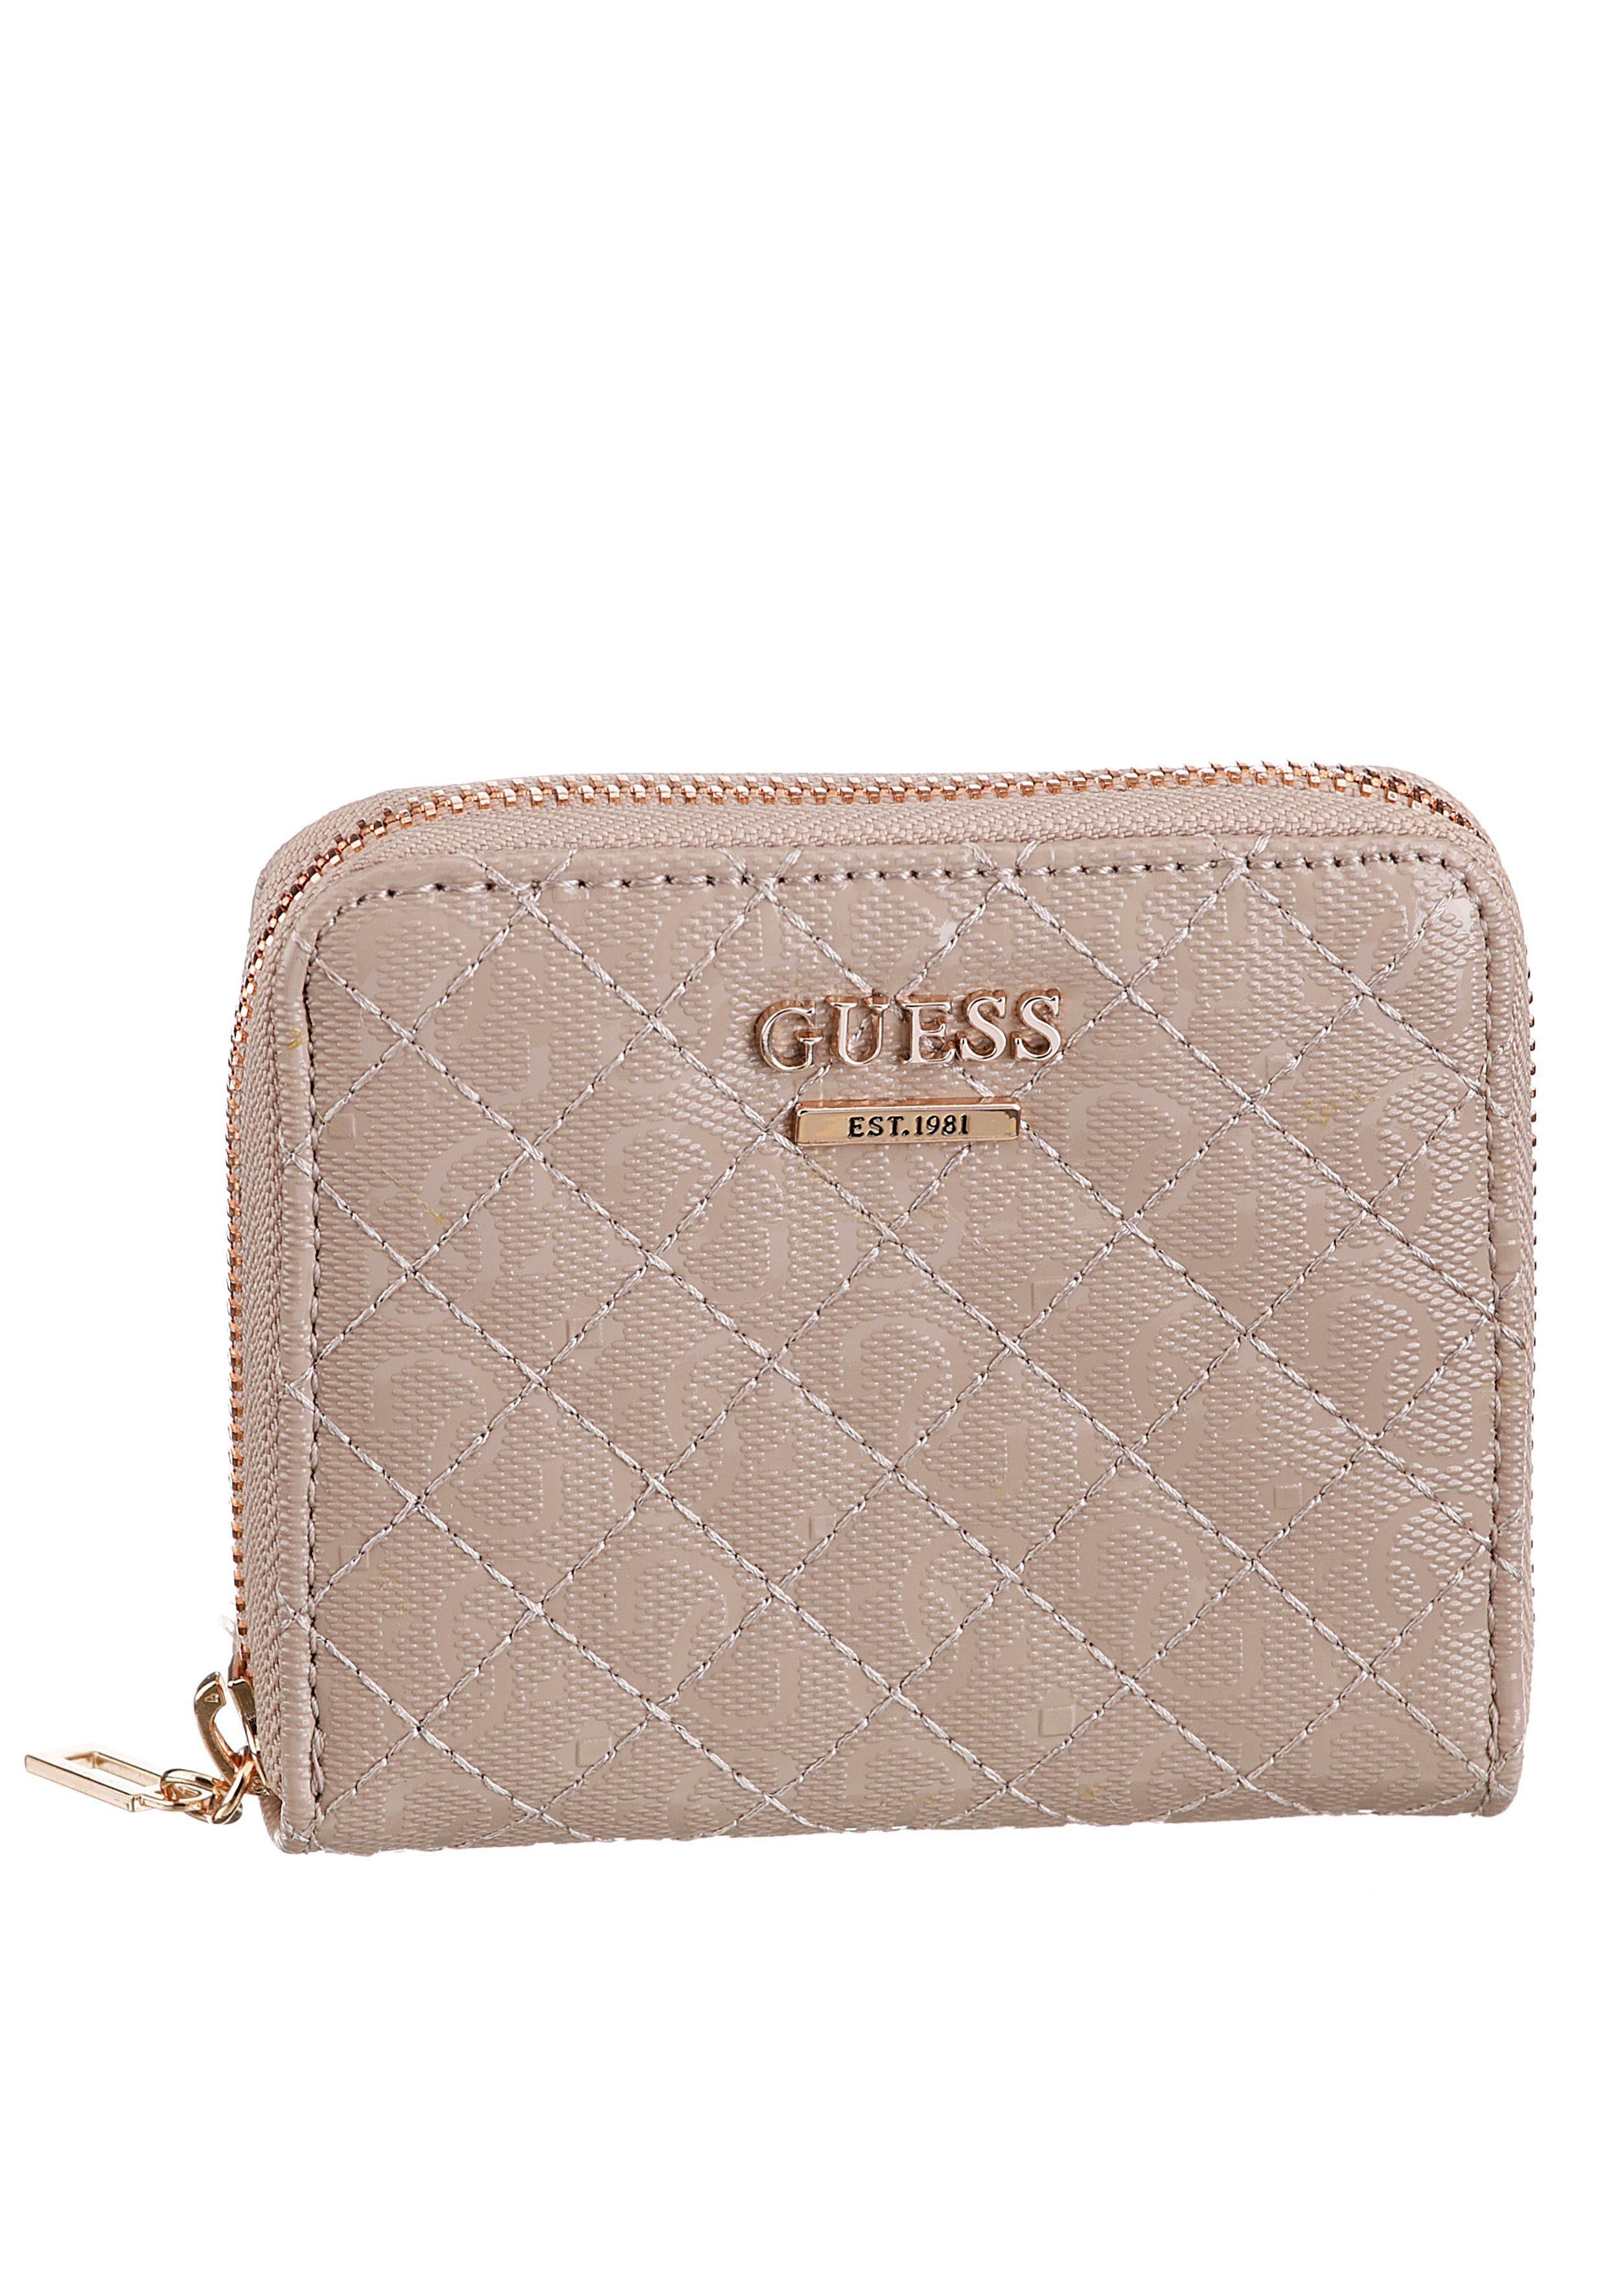 Guess Geldbörse »Wilona SLG small Zip around«, mit Rosegoldfarbenen Details online kaufen | OTTO